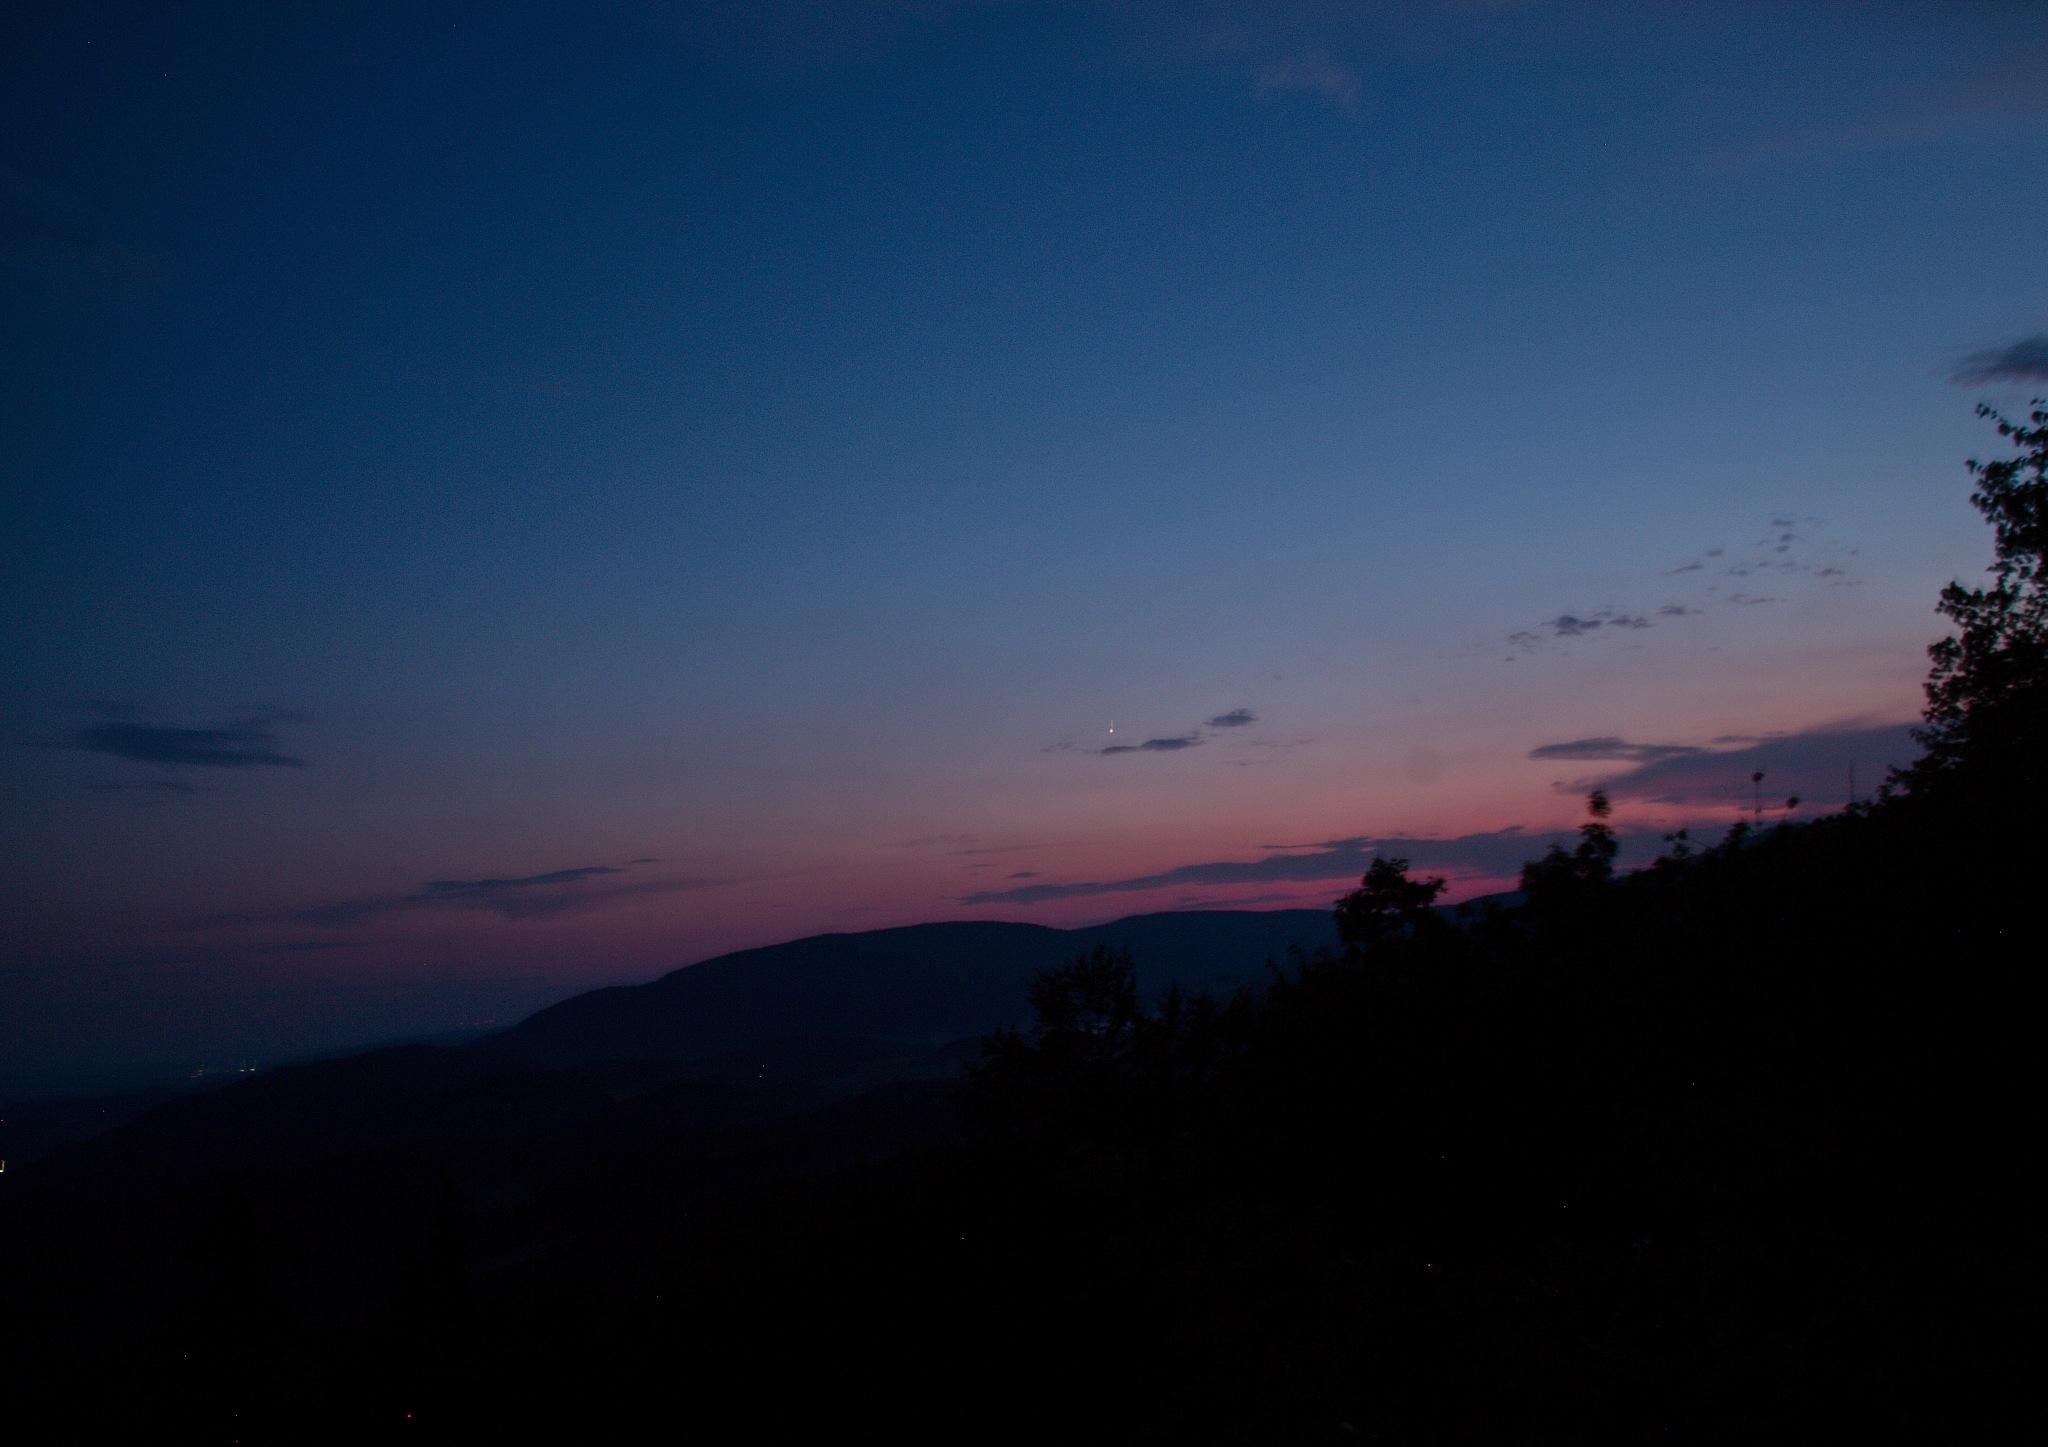 Sunset by Kuba Šír